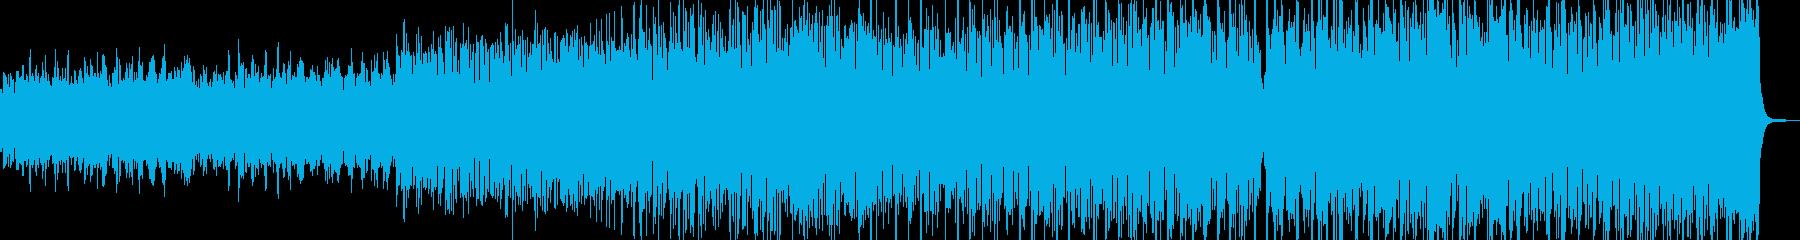 オルゴールと管弦楽・夢心地なワルツ B2の再生済みの波形